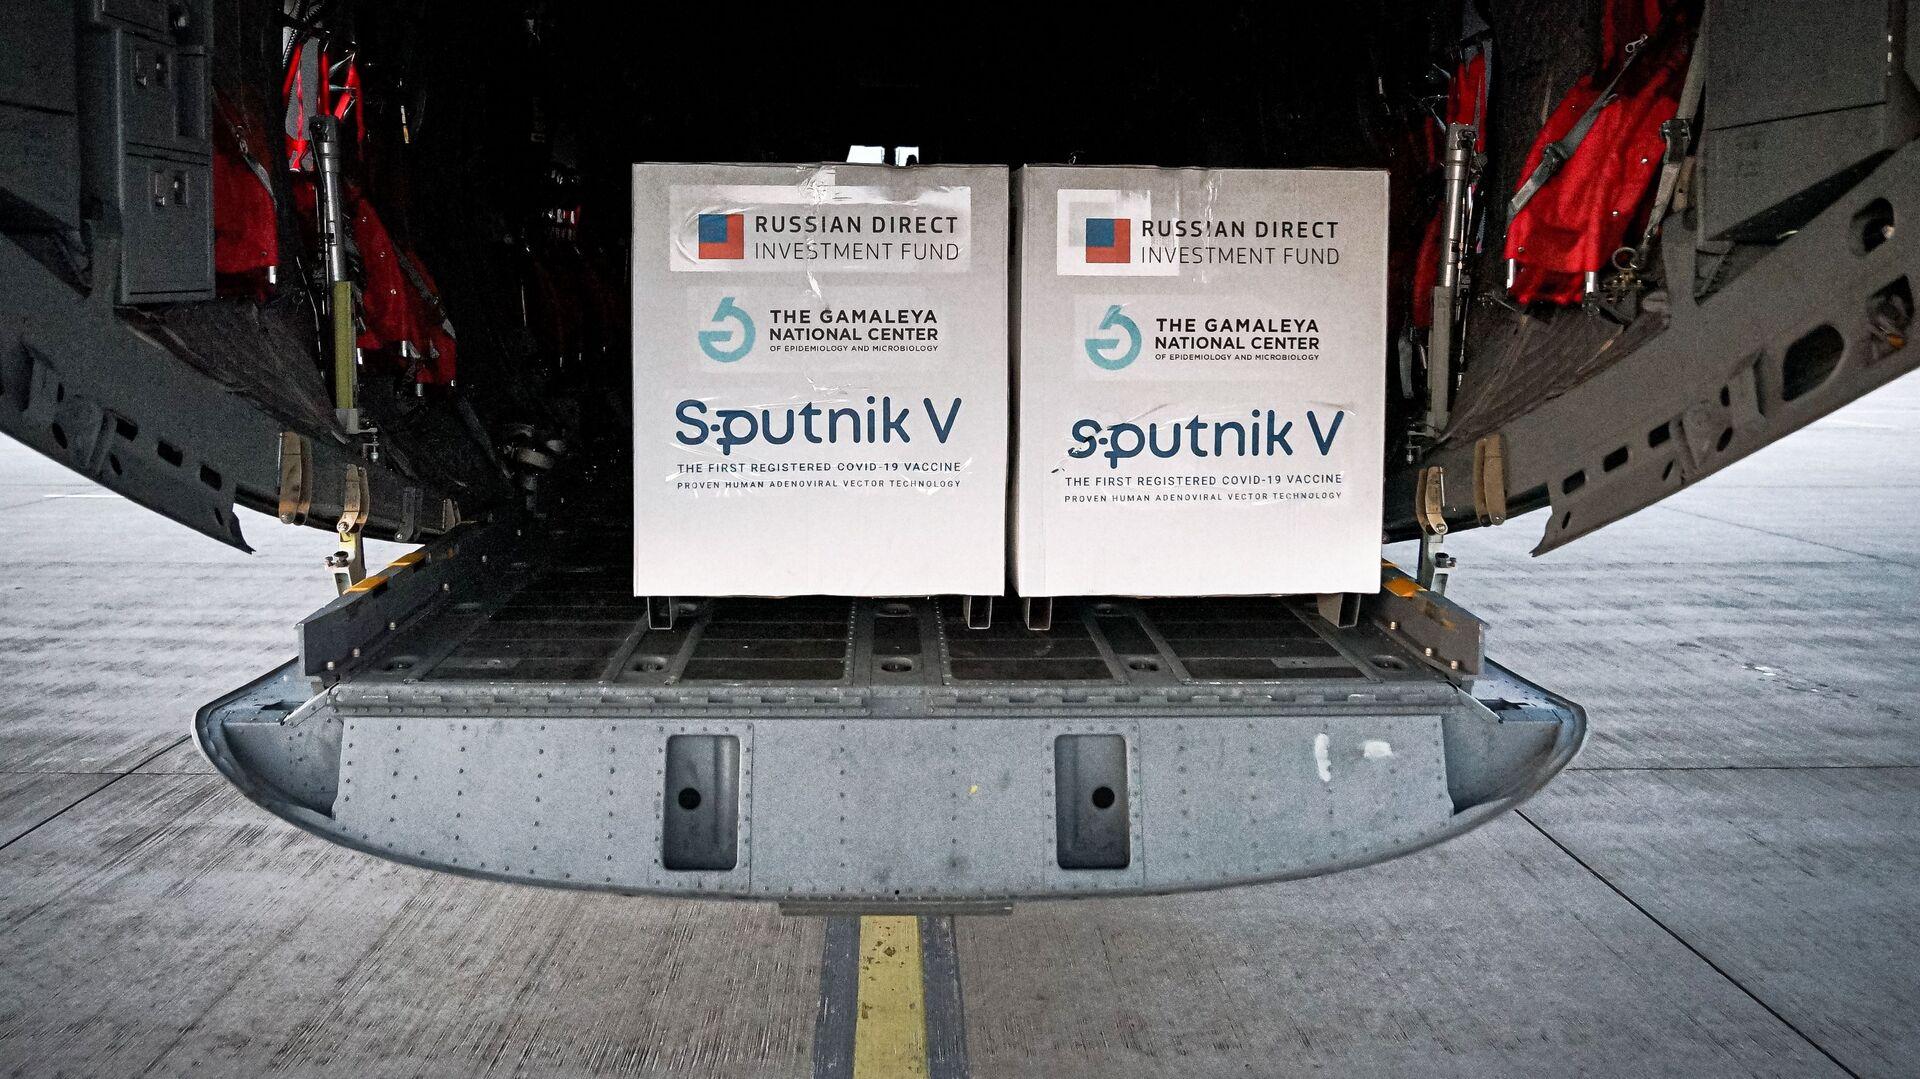 Pierwsza partia rosyjskiej szczepionki Sputnik V przyjechała na Słowację - Sputnik Polska, 1920, 31.03.2021